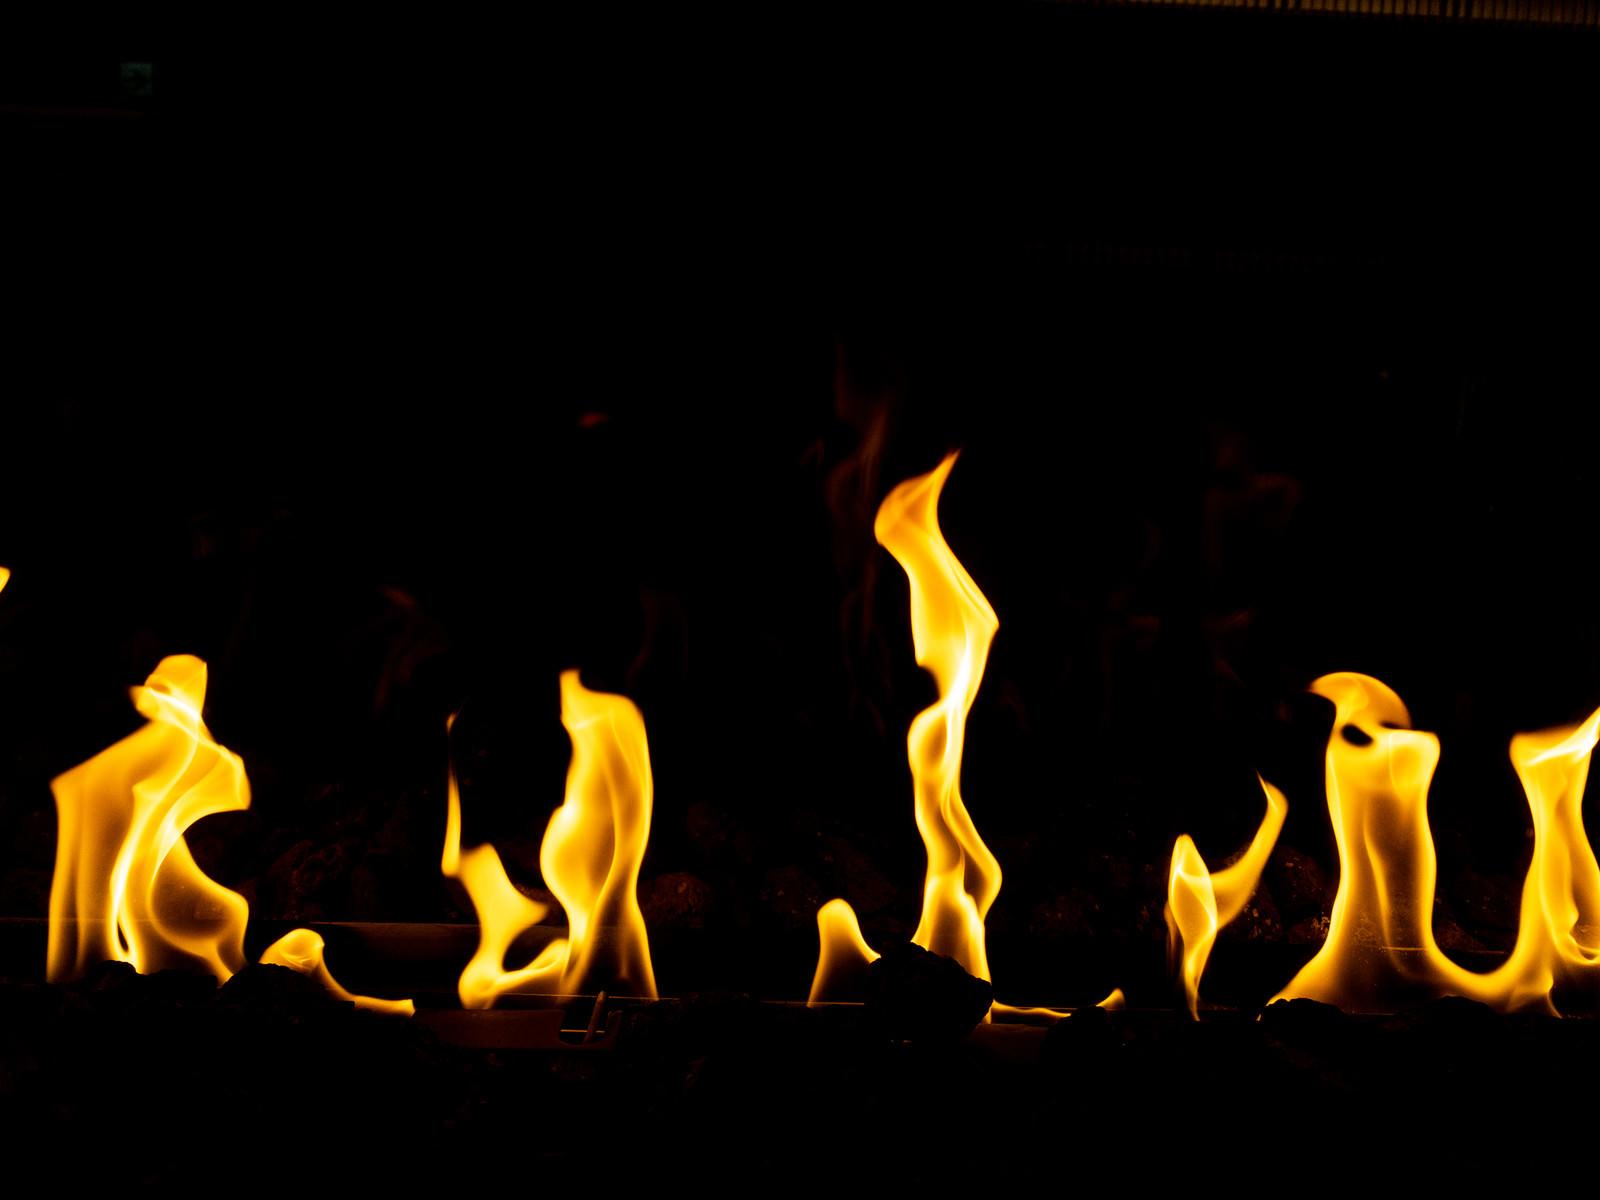 「暖炉の中の炎」の写真